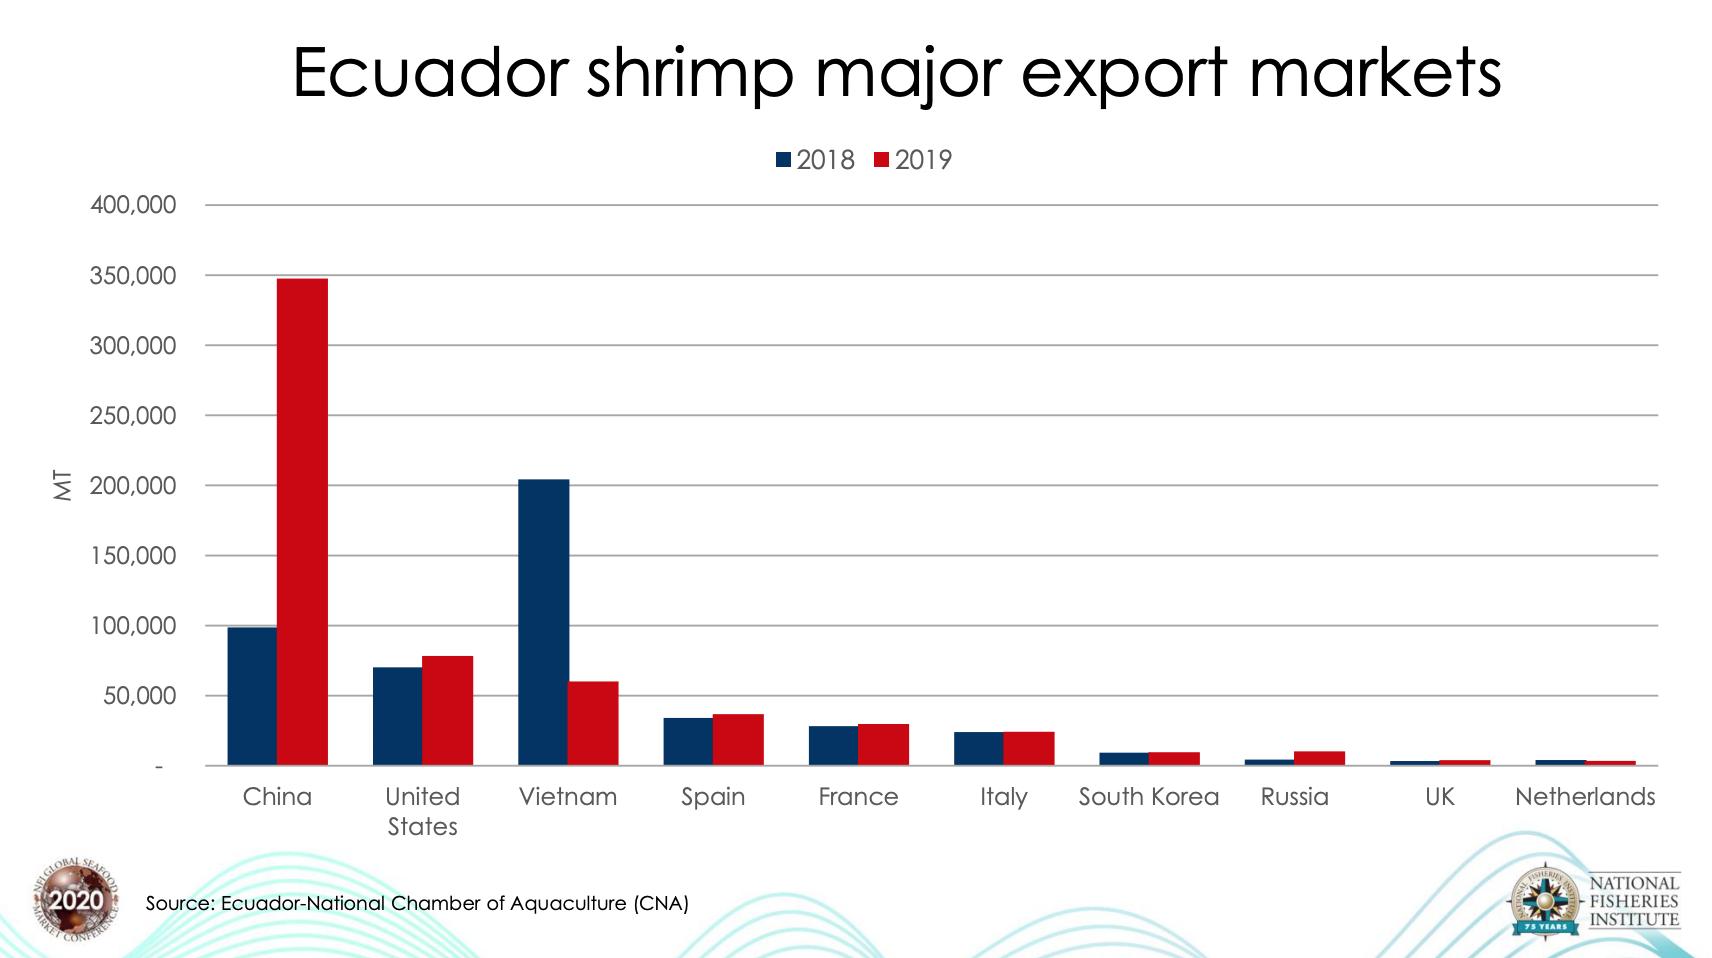 Giá tôm nuôi tăng đáng kể, các nhà nhập khẩu EU để mắt đến coronavirus - Ảnh 2.